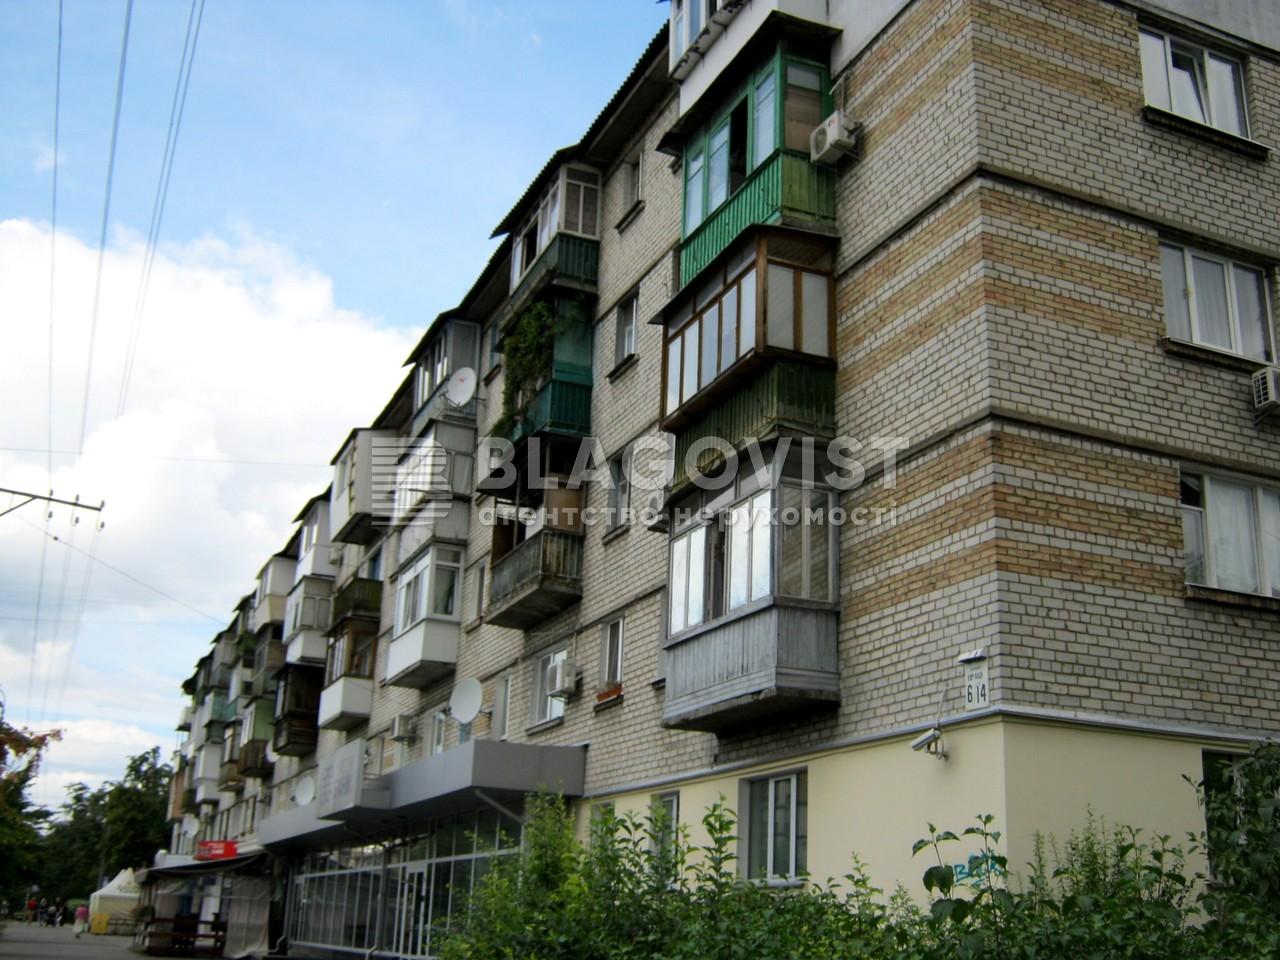 Нежитлове приміщення, R-18312, Праці бульв., Київ - Фото 3